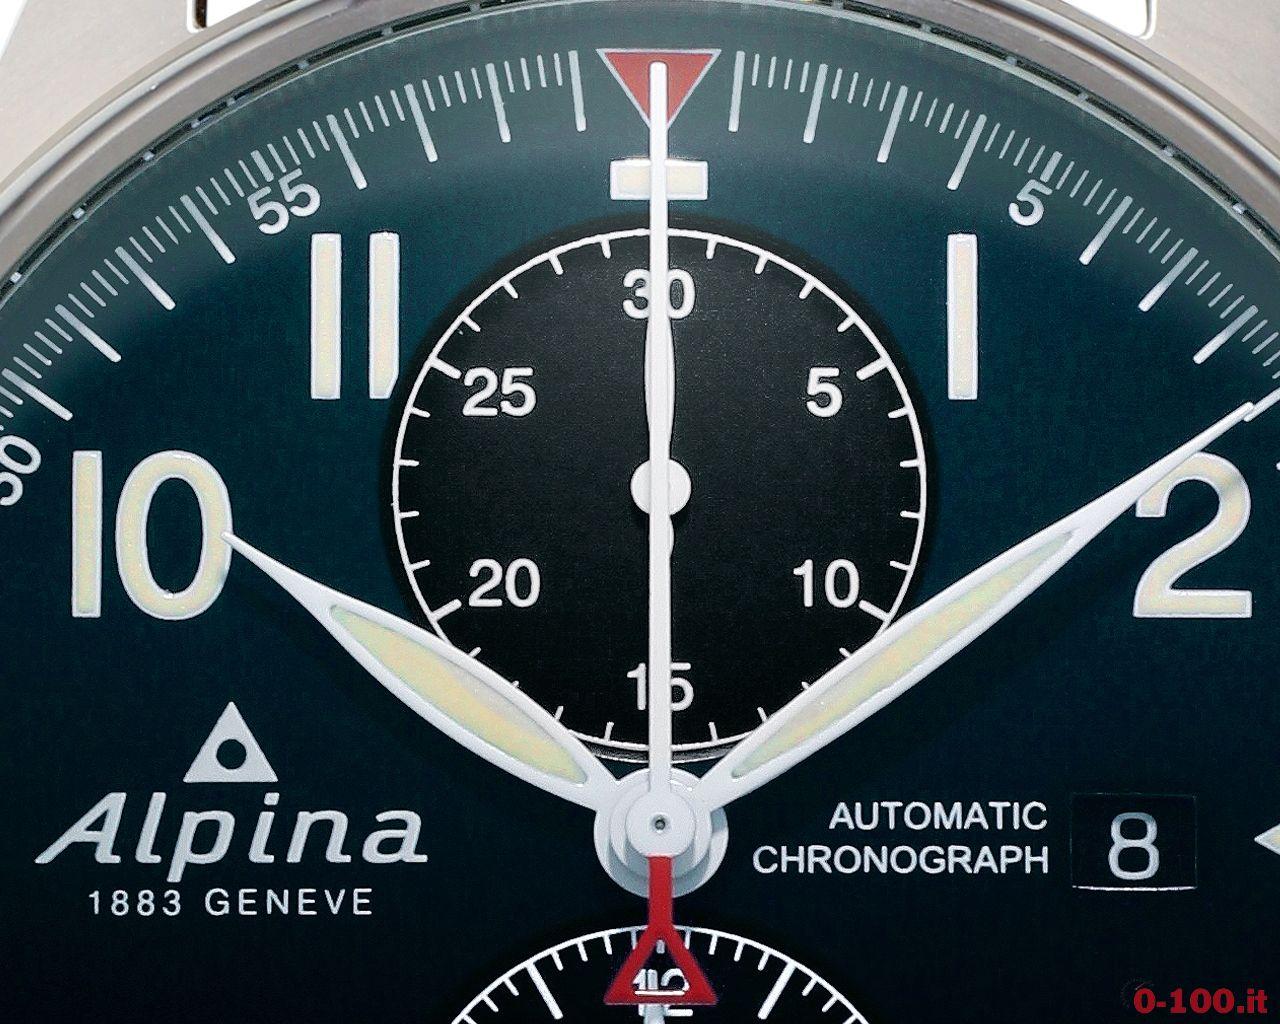 alpina-startimer-pilot-automatic-chronograph-prezzo-price_0-1002